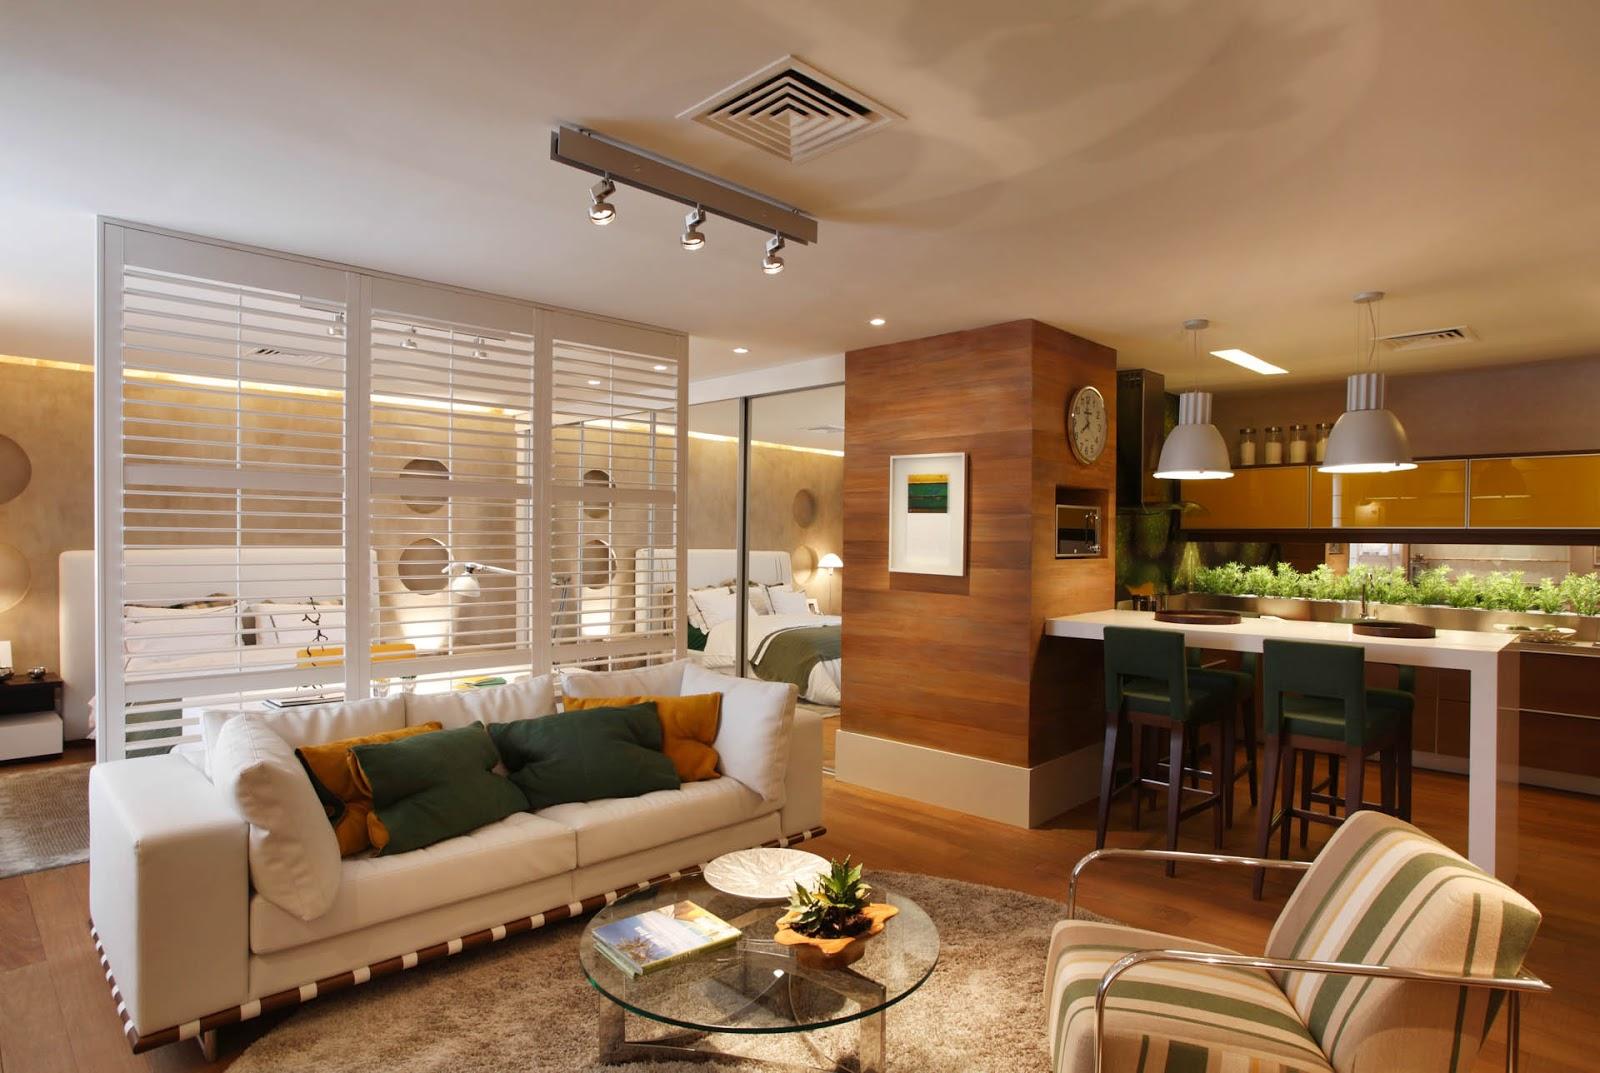 decoracao de interiores estilo tradicional : decoracao de interiores estilo tradicional: estilo de decoração, seja ela tradicional ou contemporânea